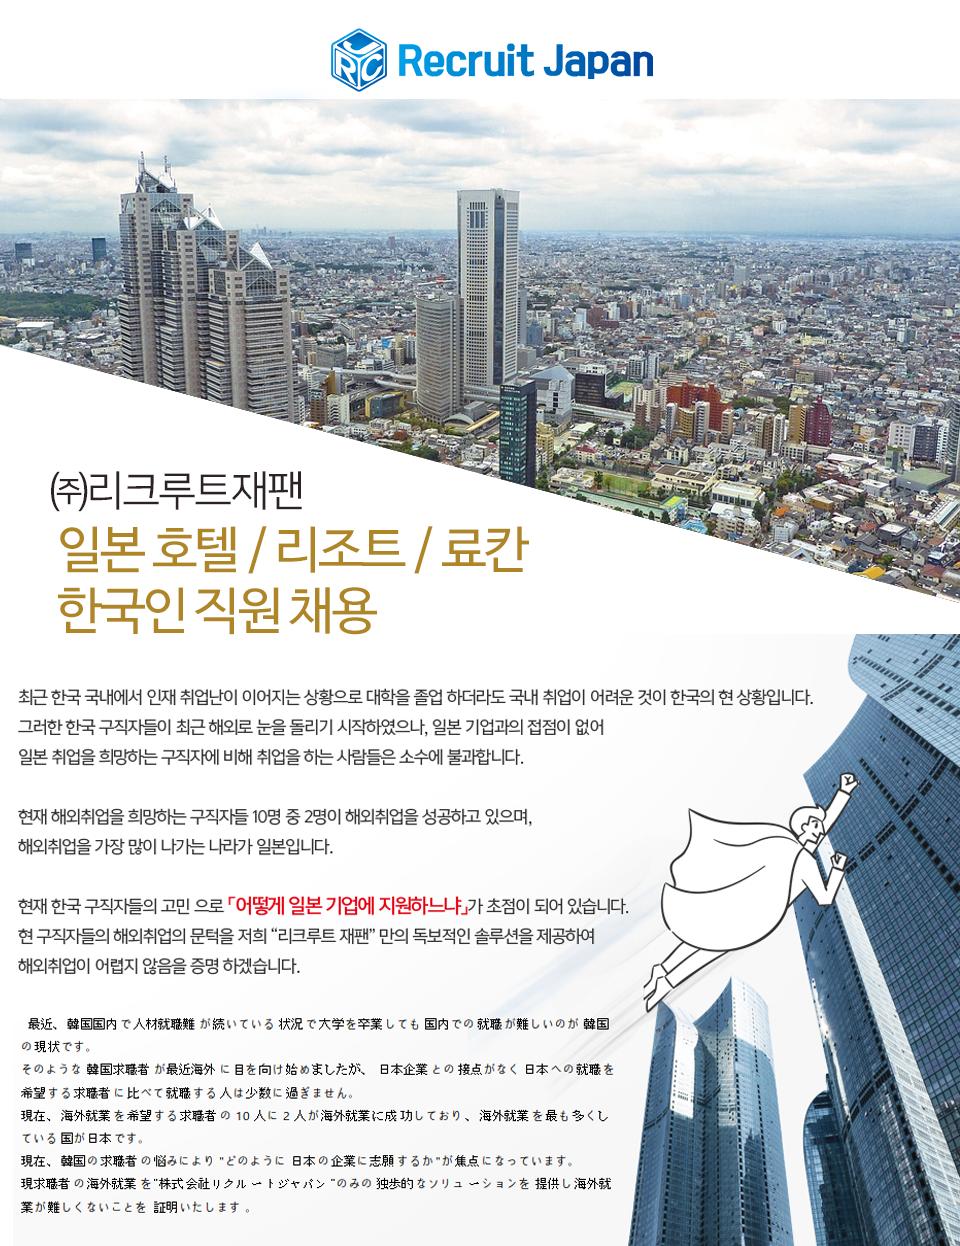 (주)리크루트재팬 일본호텔/리조트/료칸 한국인 직원 모집